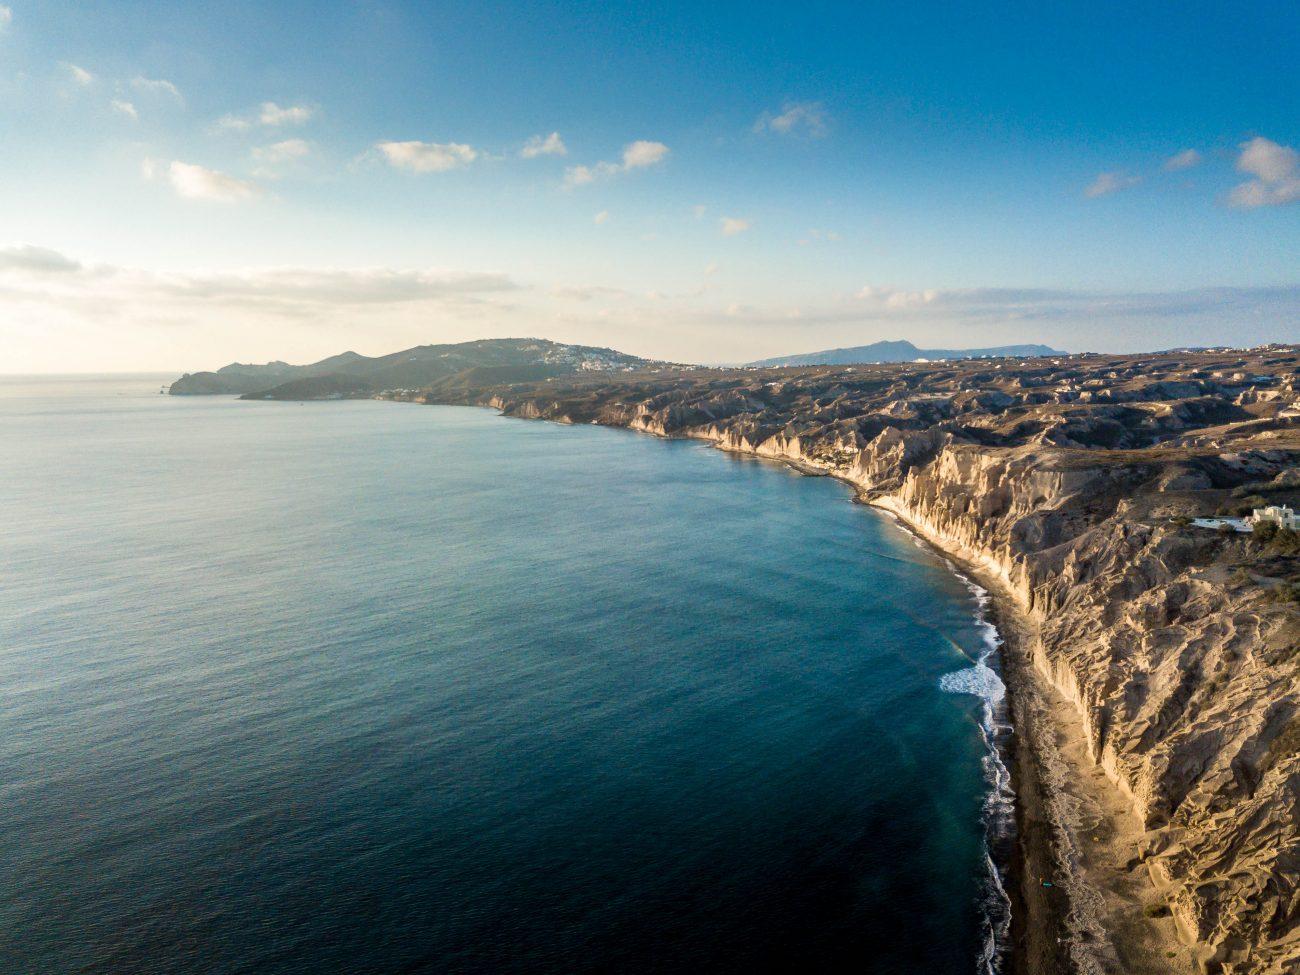 A beach in Santorini